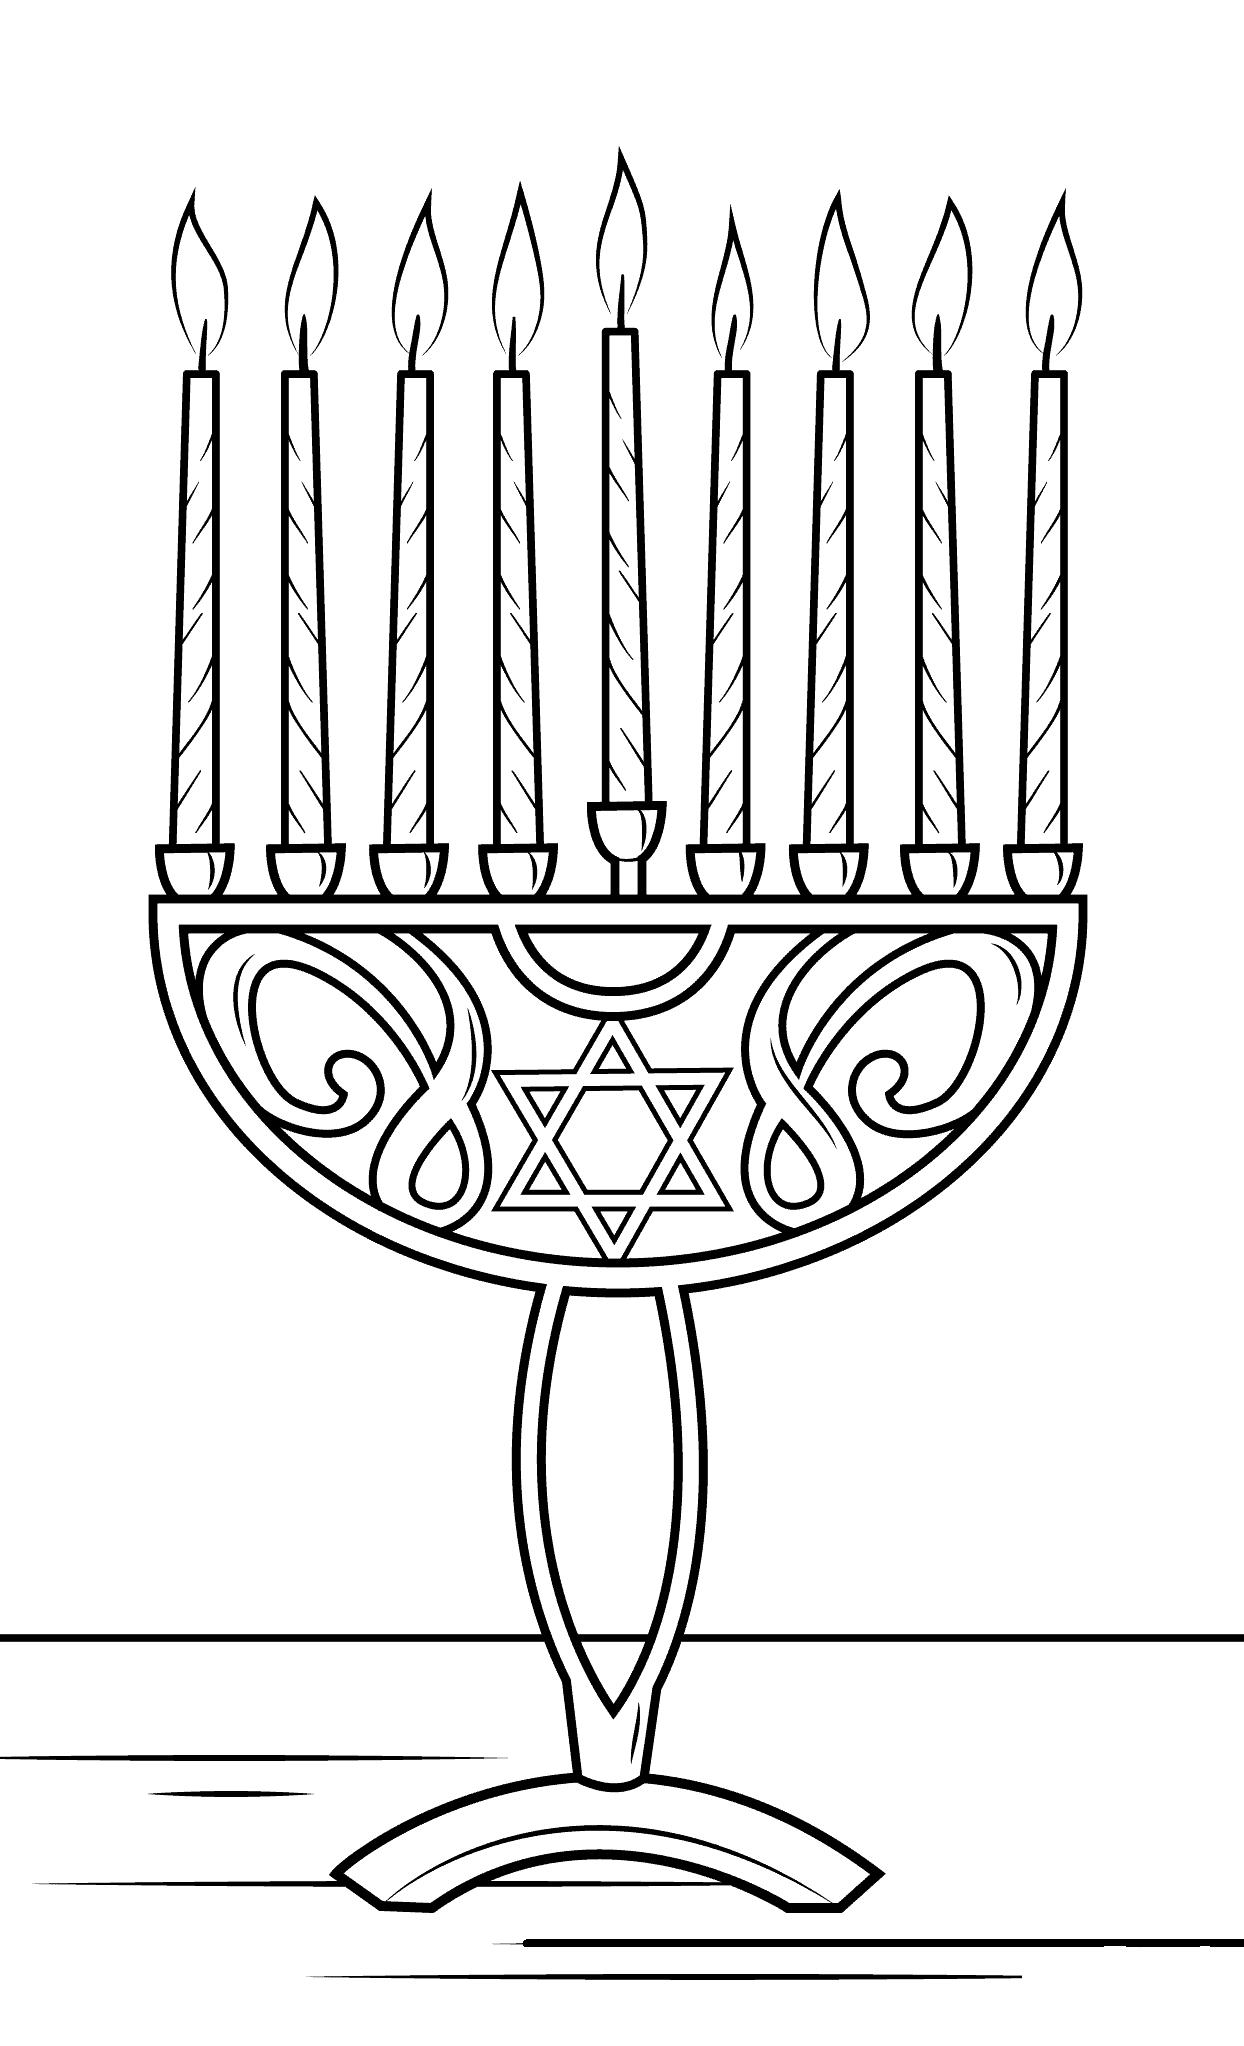 Hanukkah Menorah Coloring Page - Free Printable Coloring ...